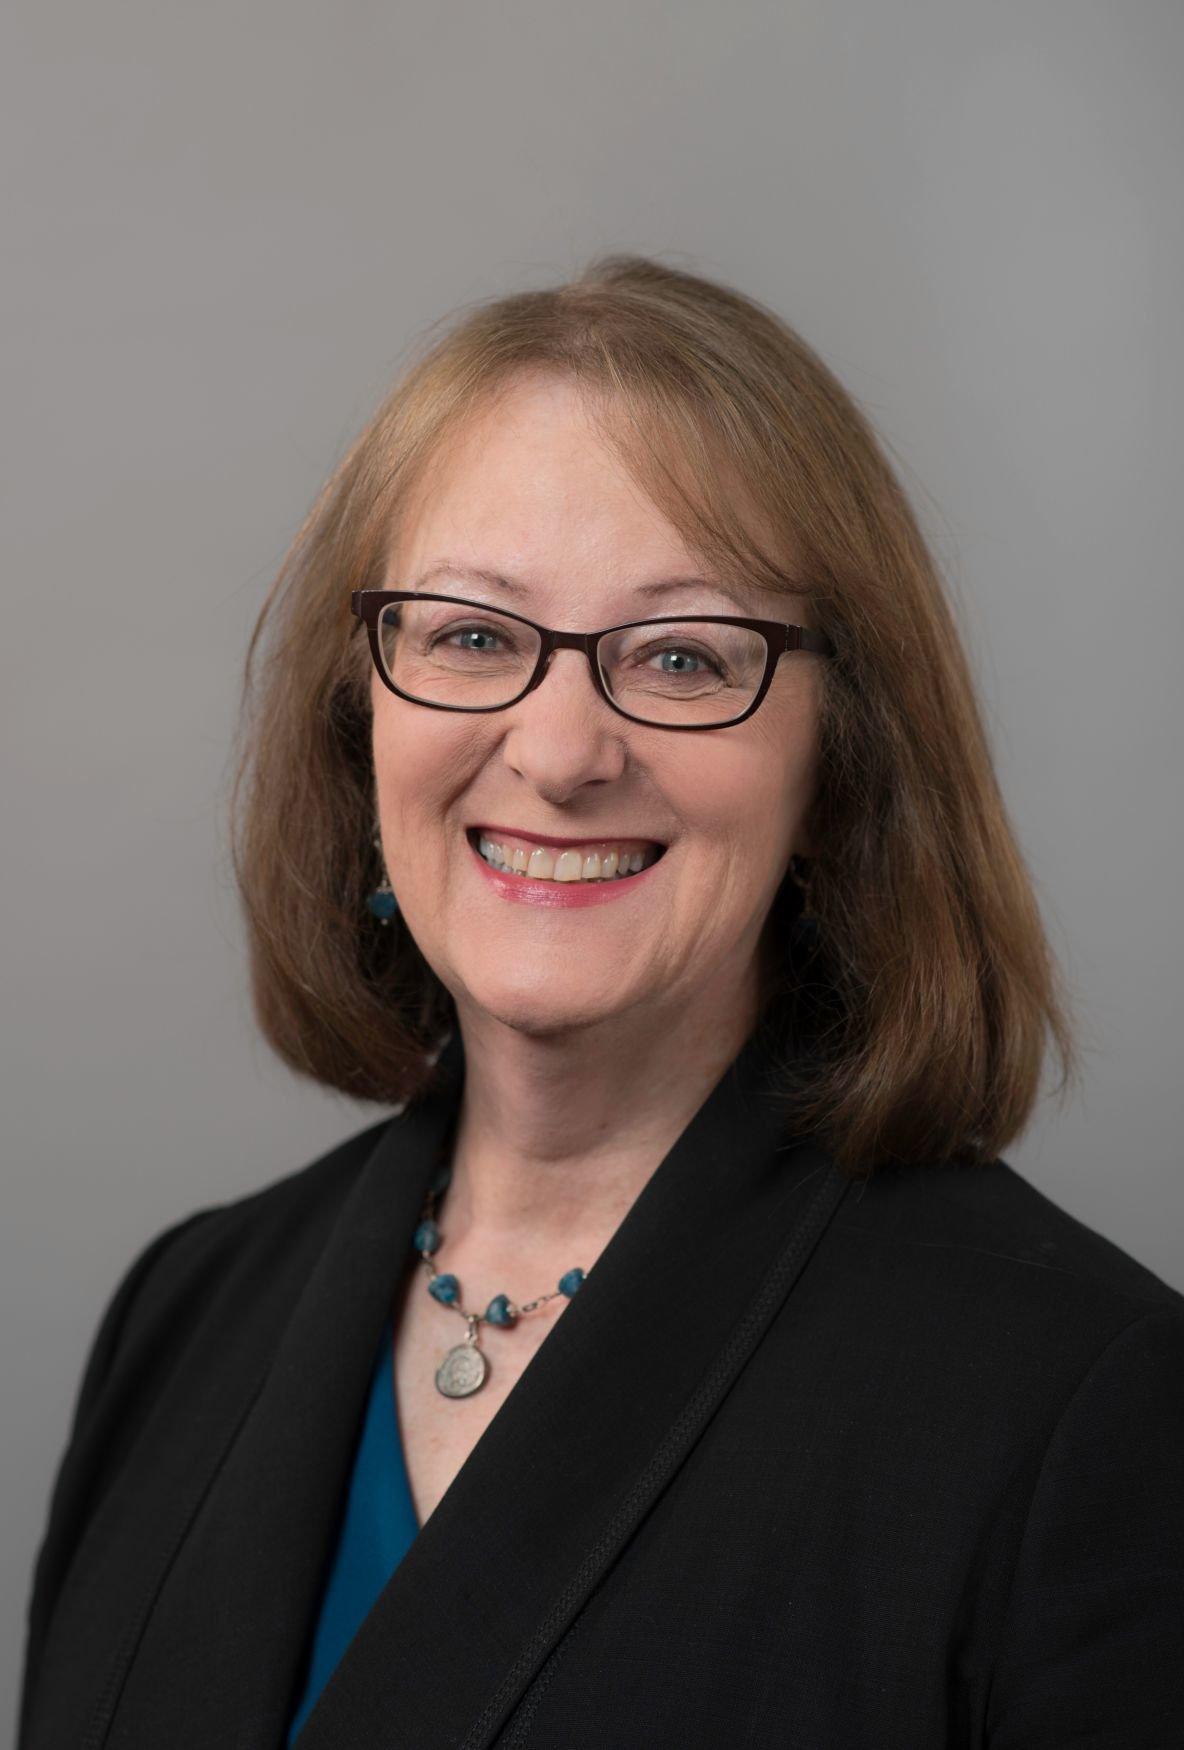 Pam Wheelock